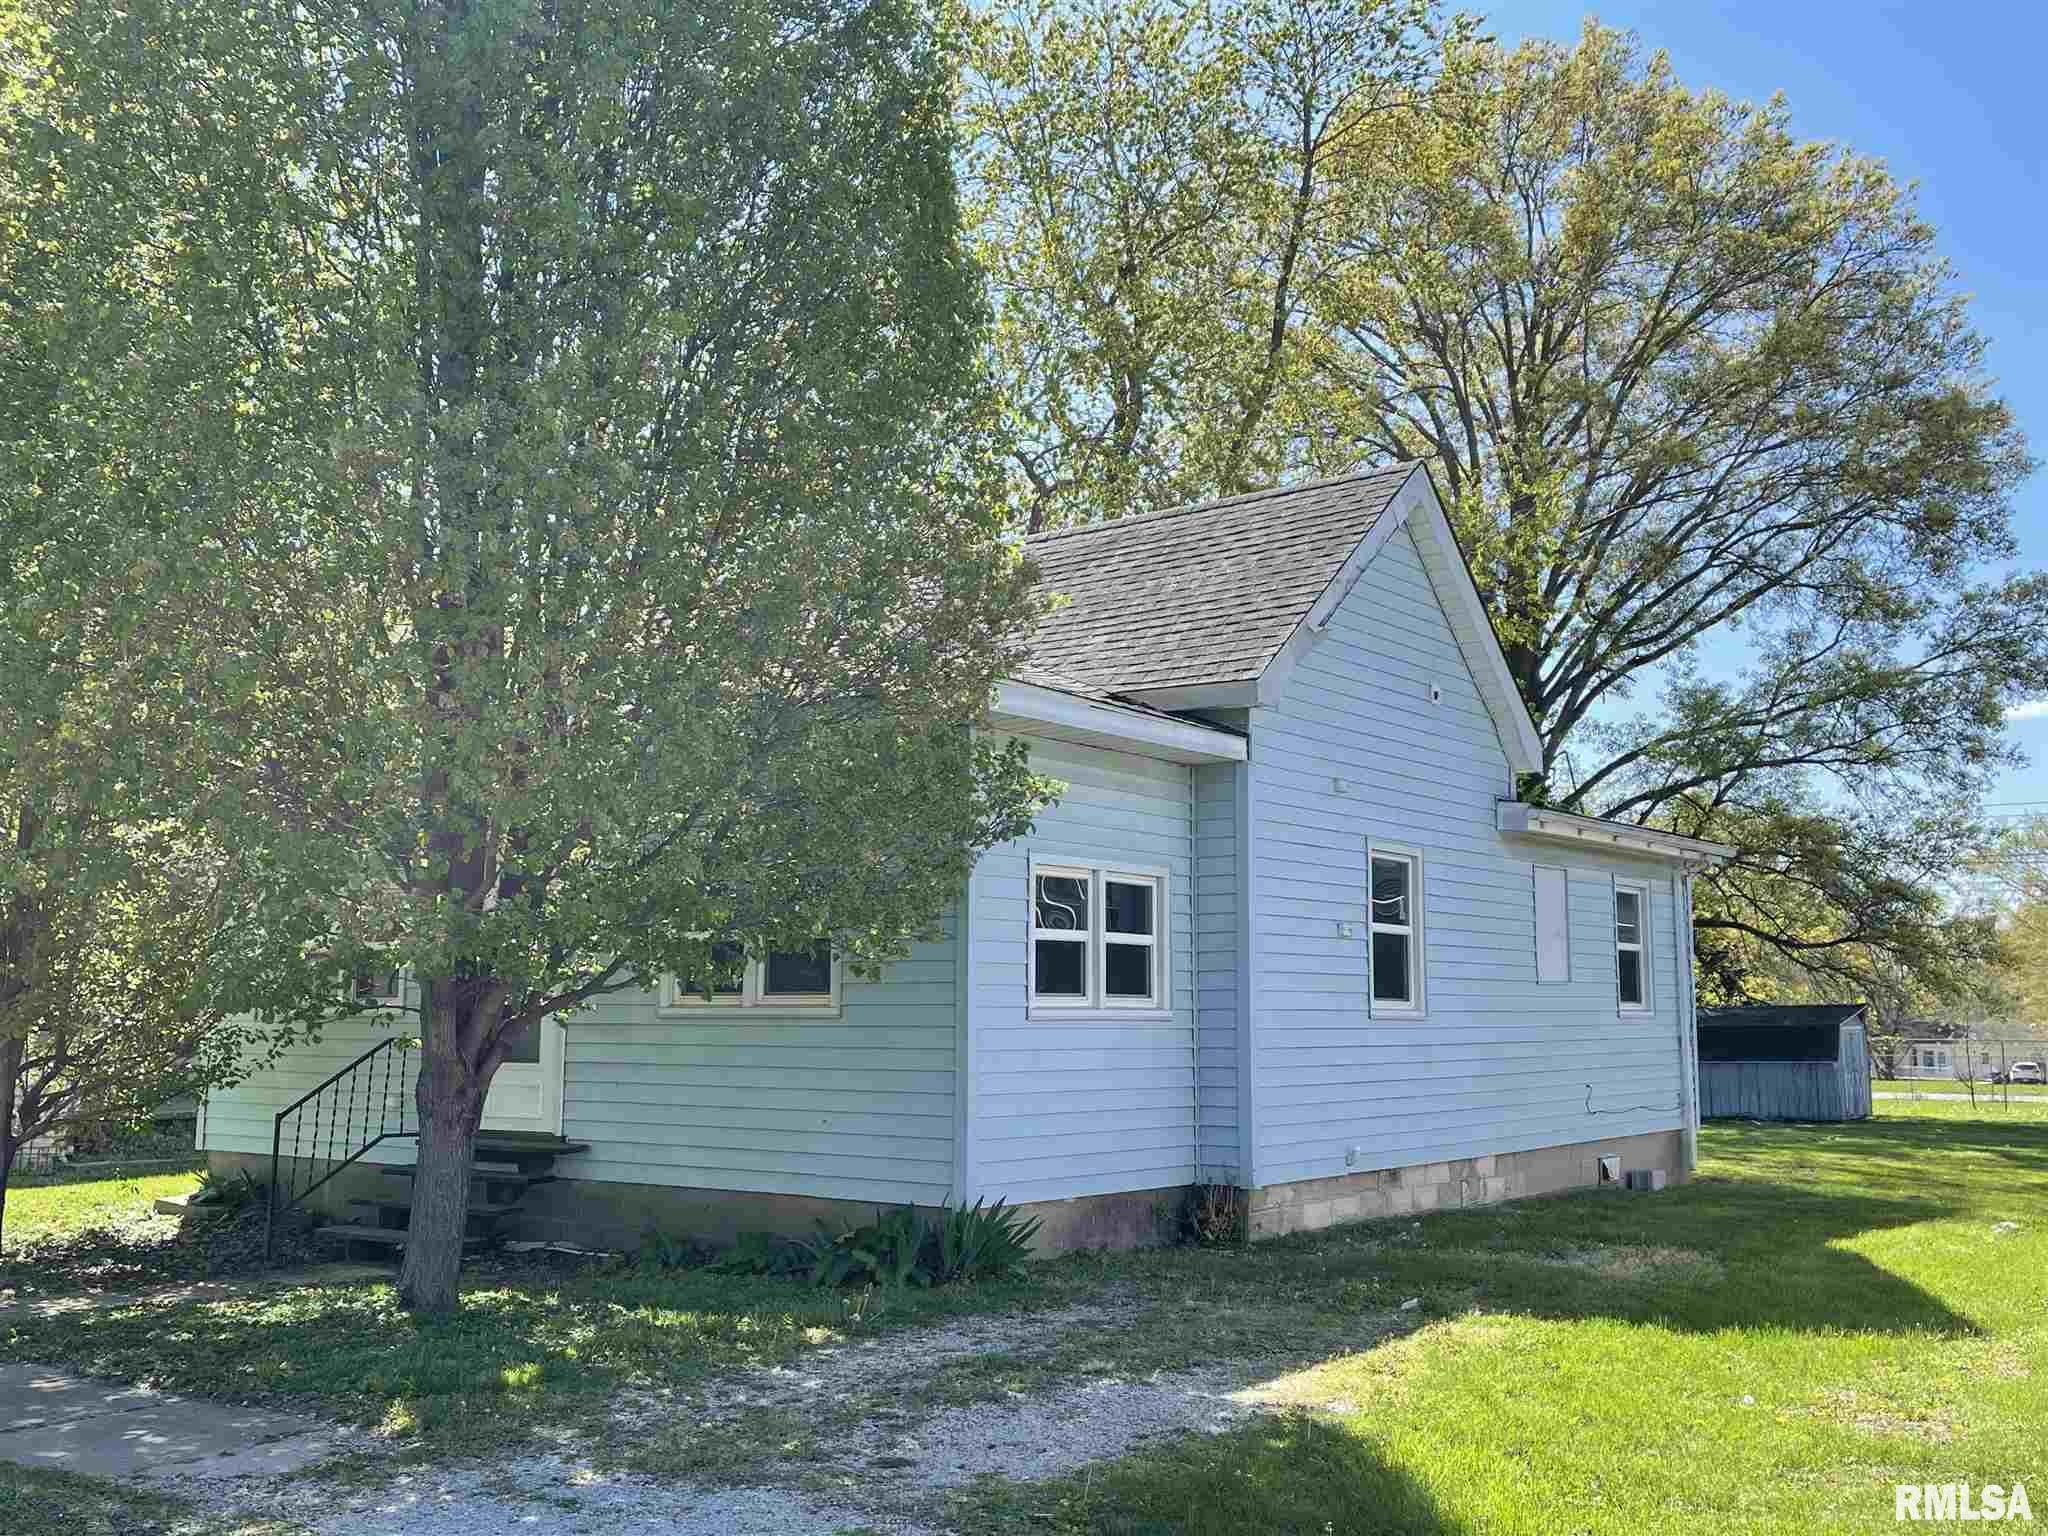 102 E Rea Property Photo - Valier, IL real estate listing